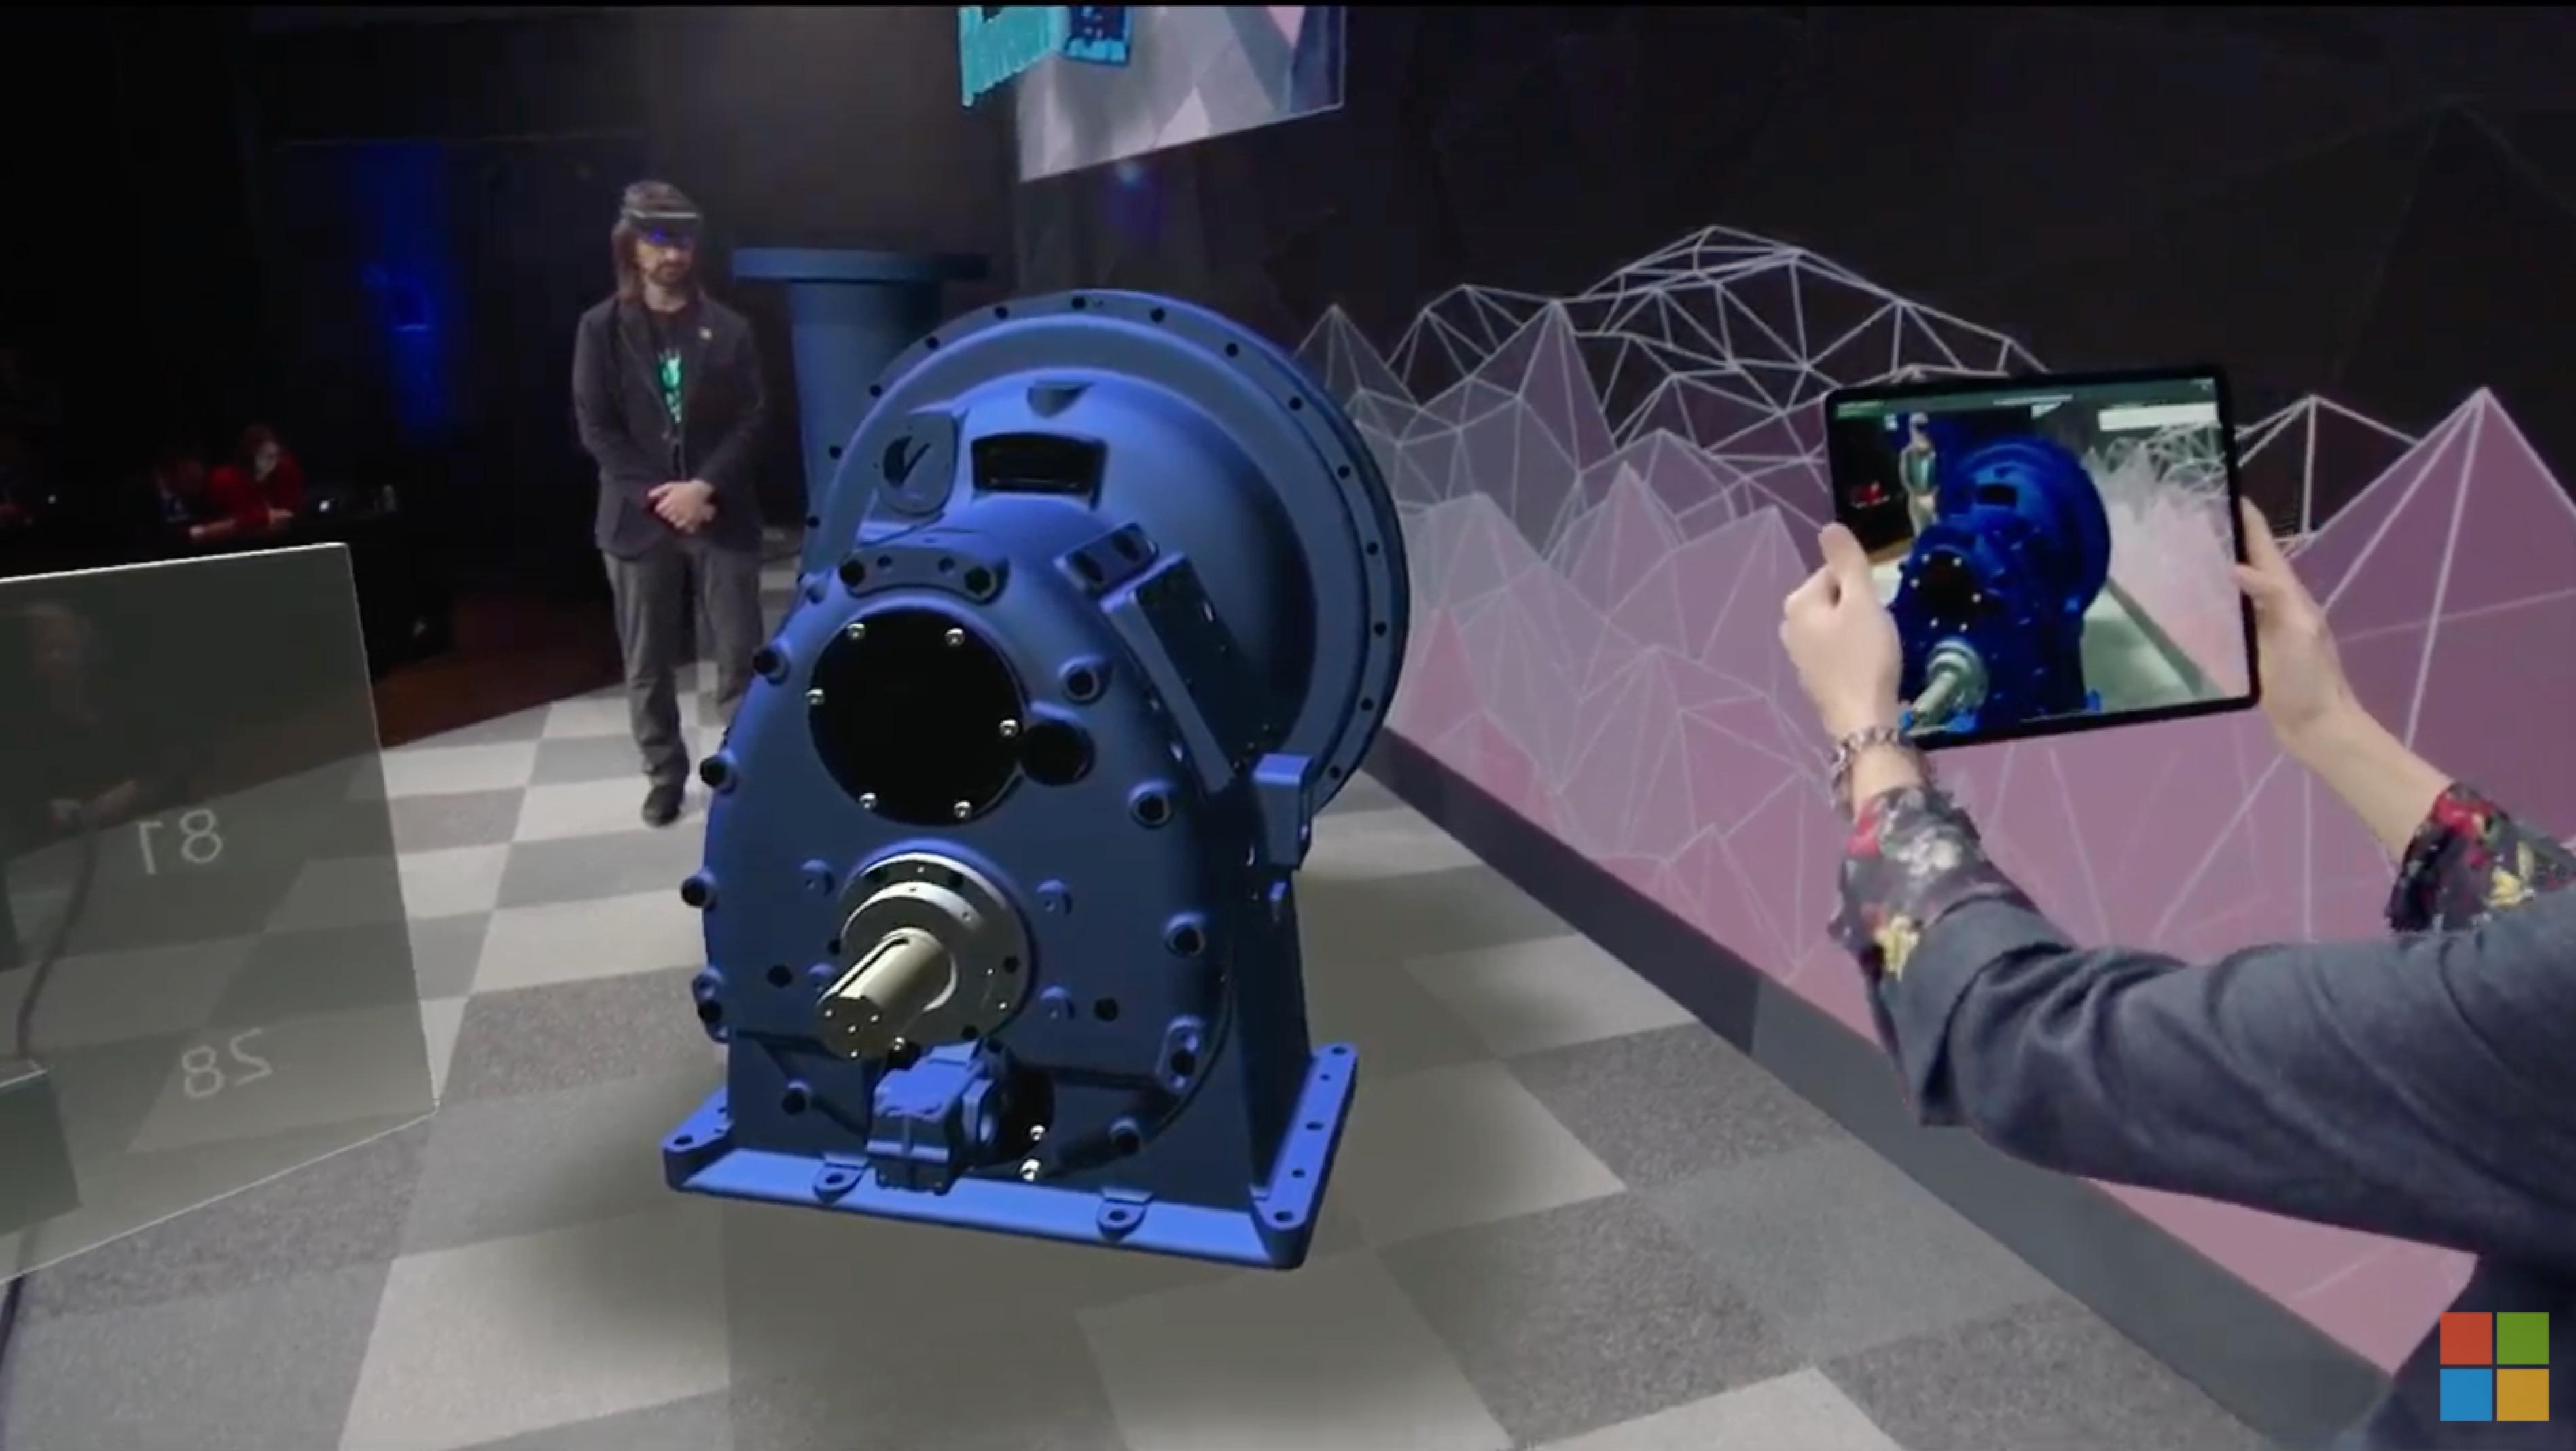 まさかのコラボ。「HoloLens 2」発表会でiPad Proみっけ